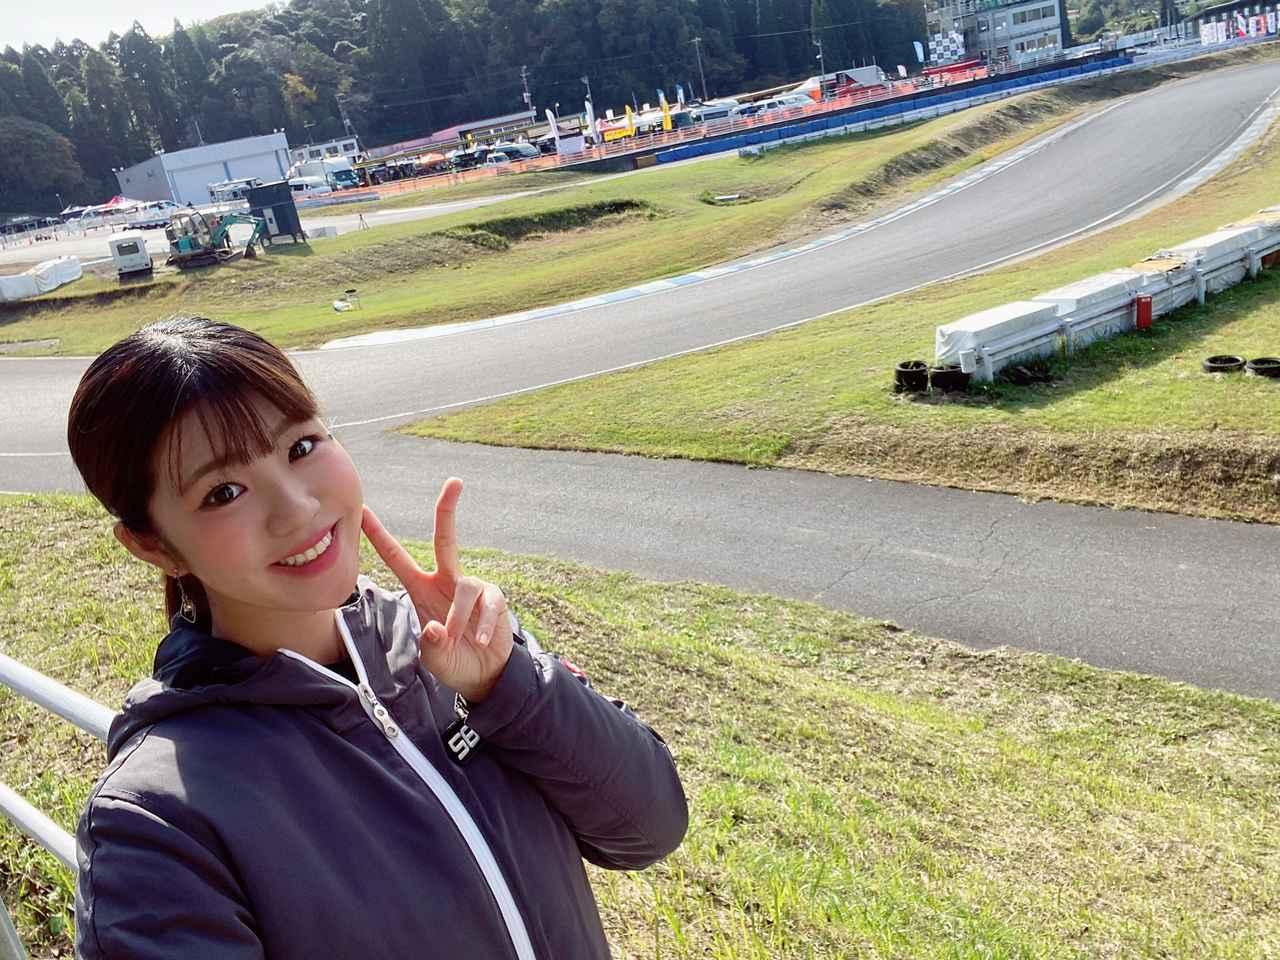 スーパーモト☆初観戦は距離感とレース展開に驚きました!(梅本まどか)